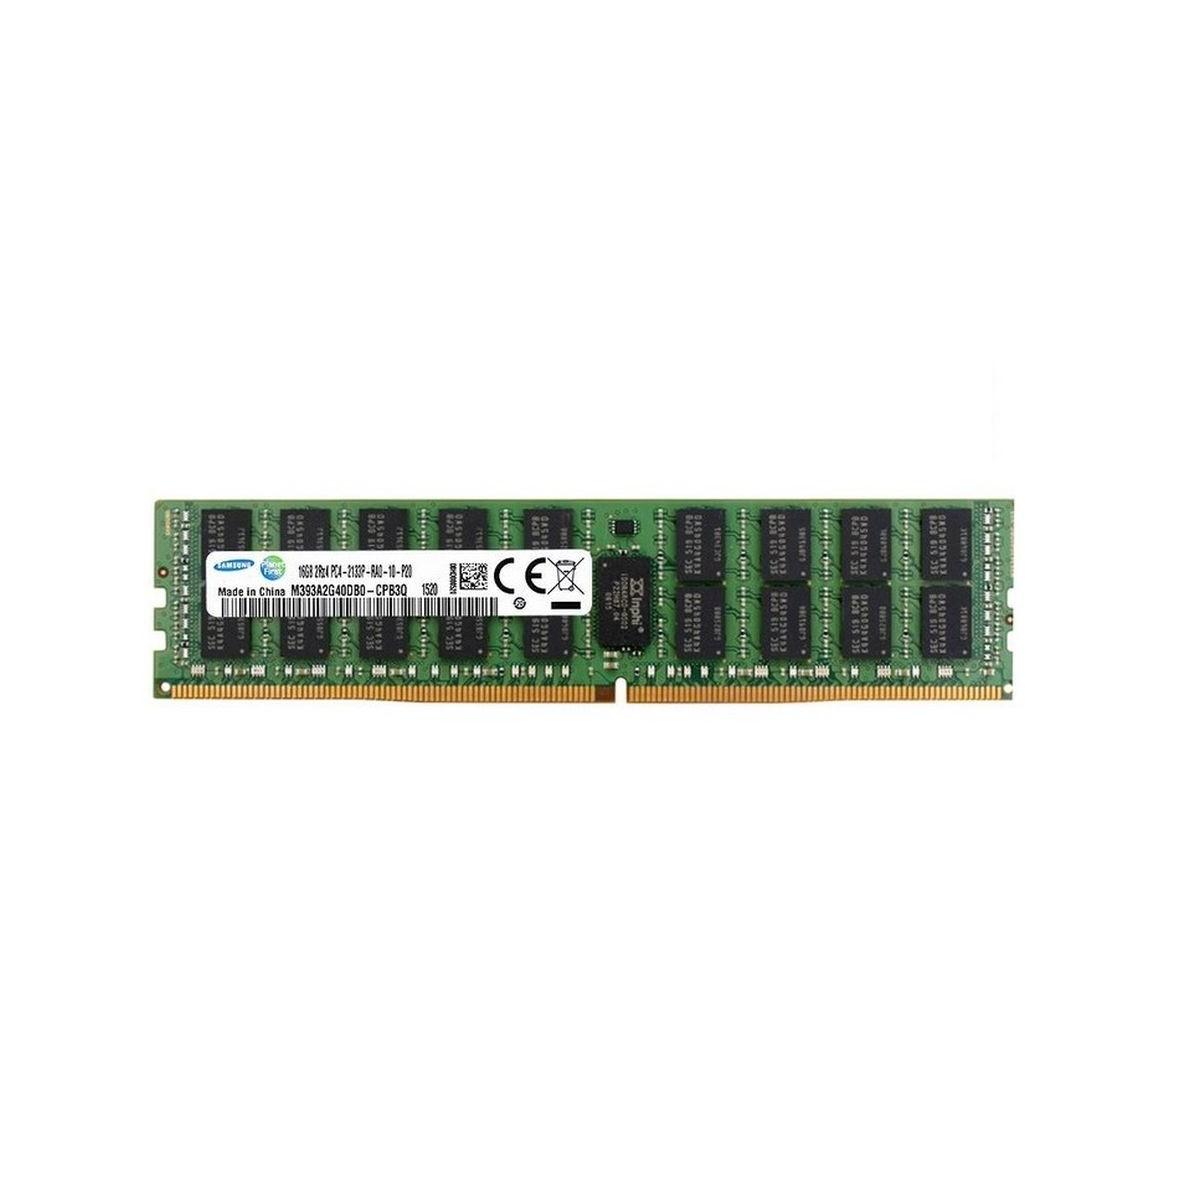 PAMIEC NANYA 1GB (1x1GB) 2Rx8 PC2-4200E